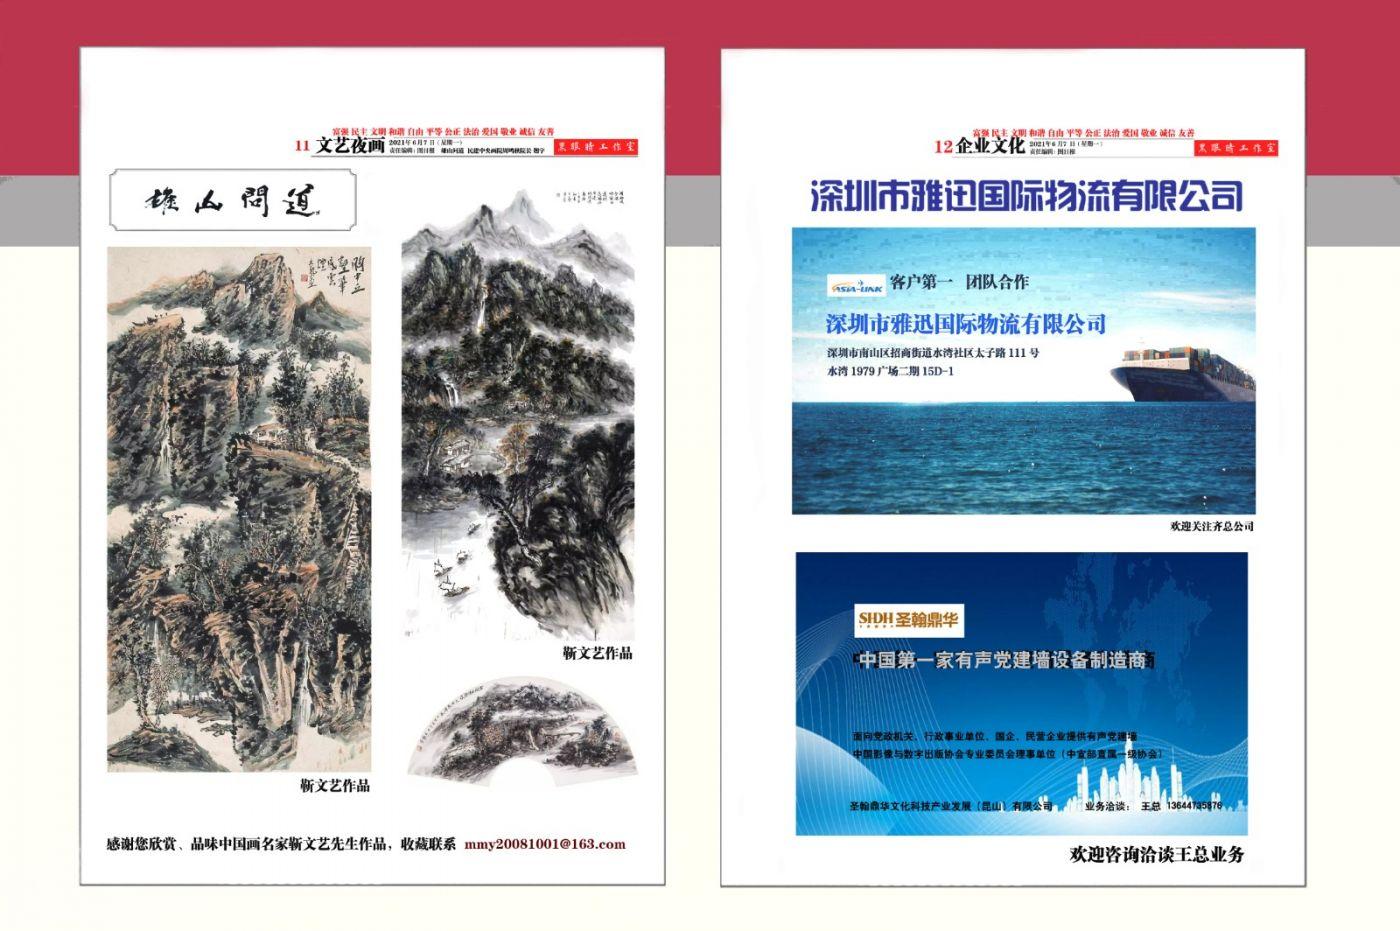 漠墨园艺术 总第24期出品_图1-2